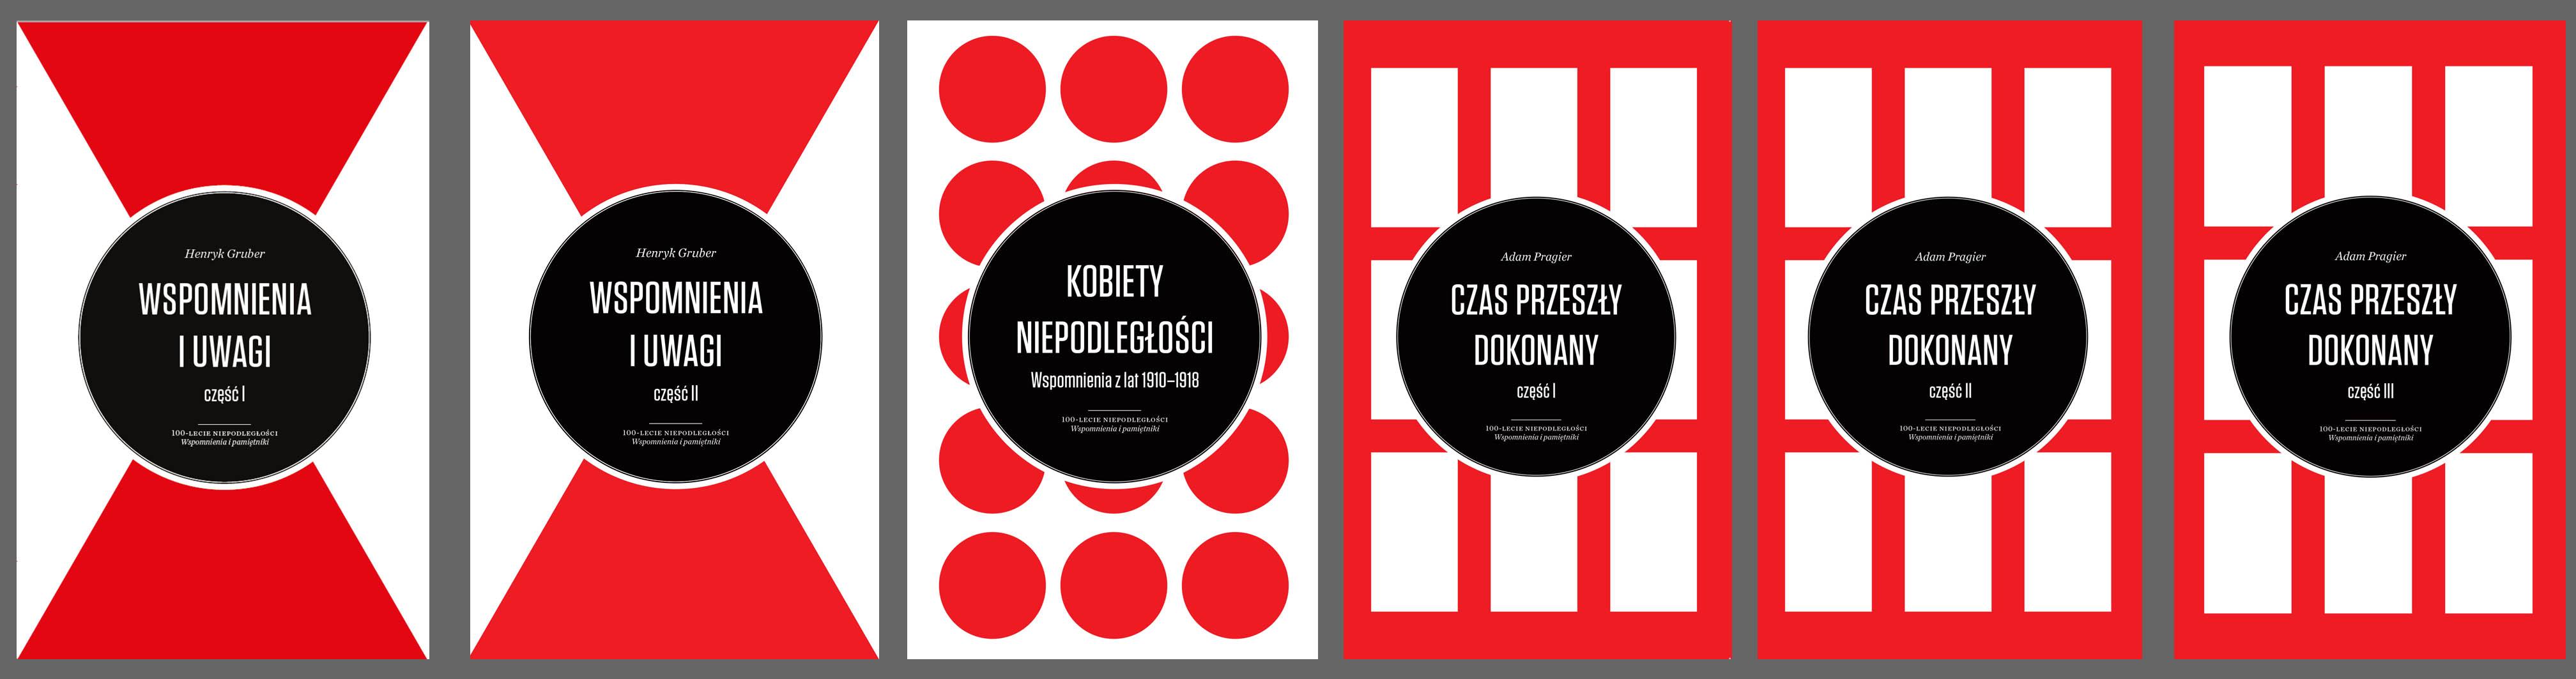 100-lecie Niepodległości. Wspomnienia i pamiętniki - zestaw sześciu książek Muzeum Historii Polski